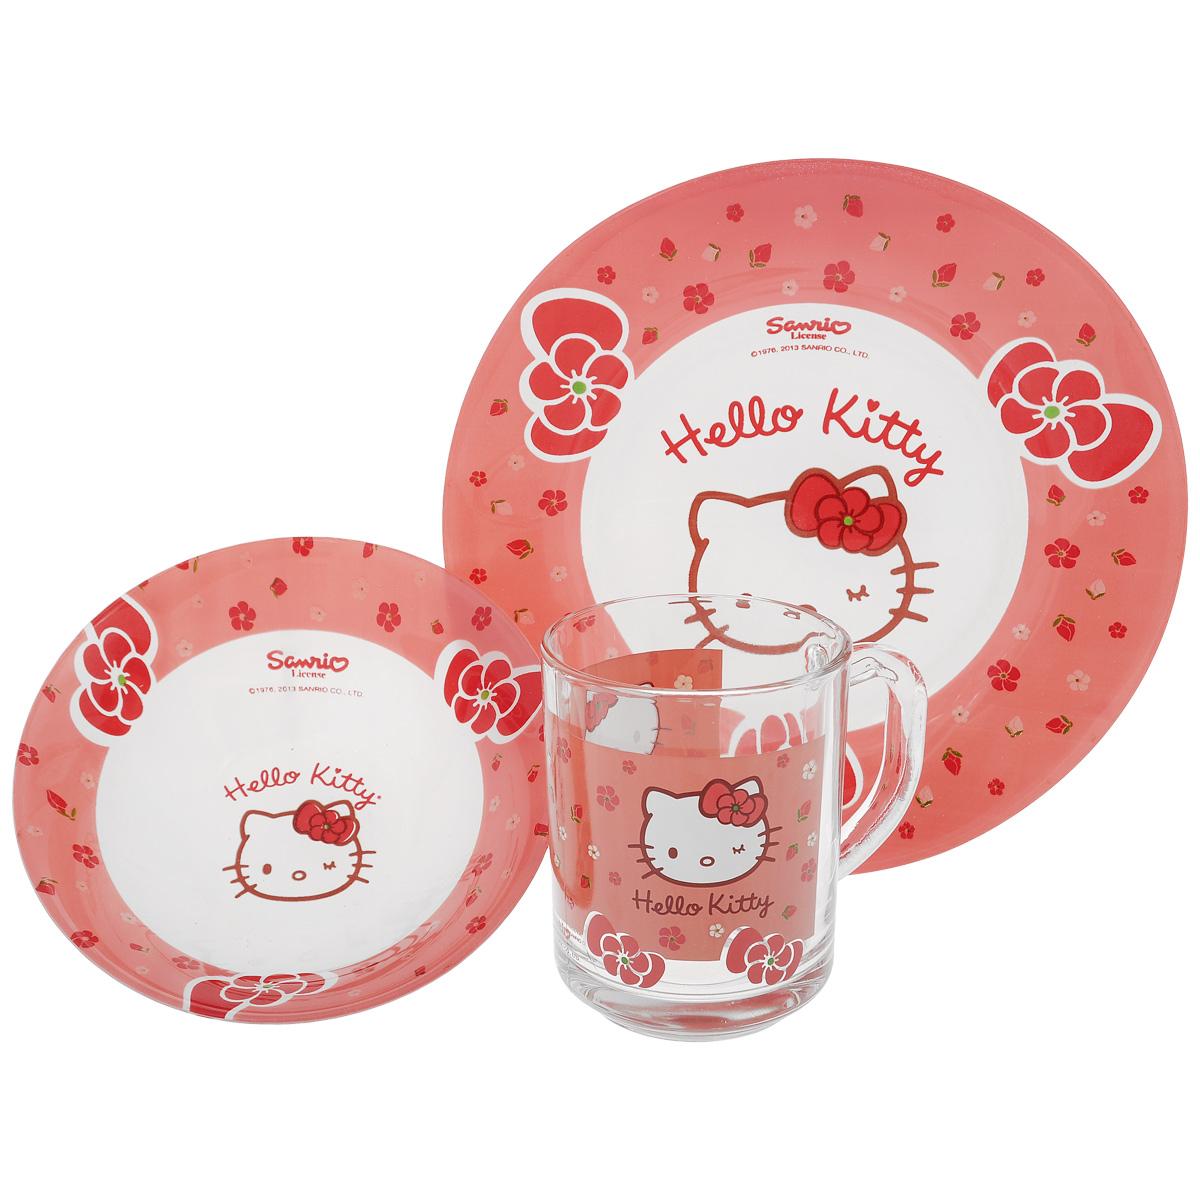 Набор детской посуды Hello Kitty, 3 предмета1053059Набор детской посуды Hello Kitty, выполненный из стекла, состоит из кружки, тарелки и салатника. Изделия оформлены изображением героини популярного мультфильма Hello Kitty. Материалы изделий нетоксичены и безопасны для детского здоровья. Детская посуда удобна и увлекательна для вашего малыша. Привычная еда станет более вкусной и приятной, если процесс кормления сопровождать игрой и сказками о любимых героях. Красочная посуда является залогом хорошего настроения и аппетита ваших детей. Можно мыть в посудомоечной машине. Диаметр тарелка: 19,5 см. Диаметр салатника: 14 см. Высота салатника: 4,5 см. Объем кружки: 250 мл. Диаметр кружки (по верхнему краю): 7 см. Высота кружки: 9,5 см.